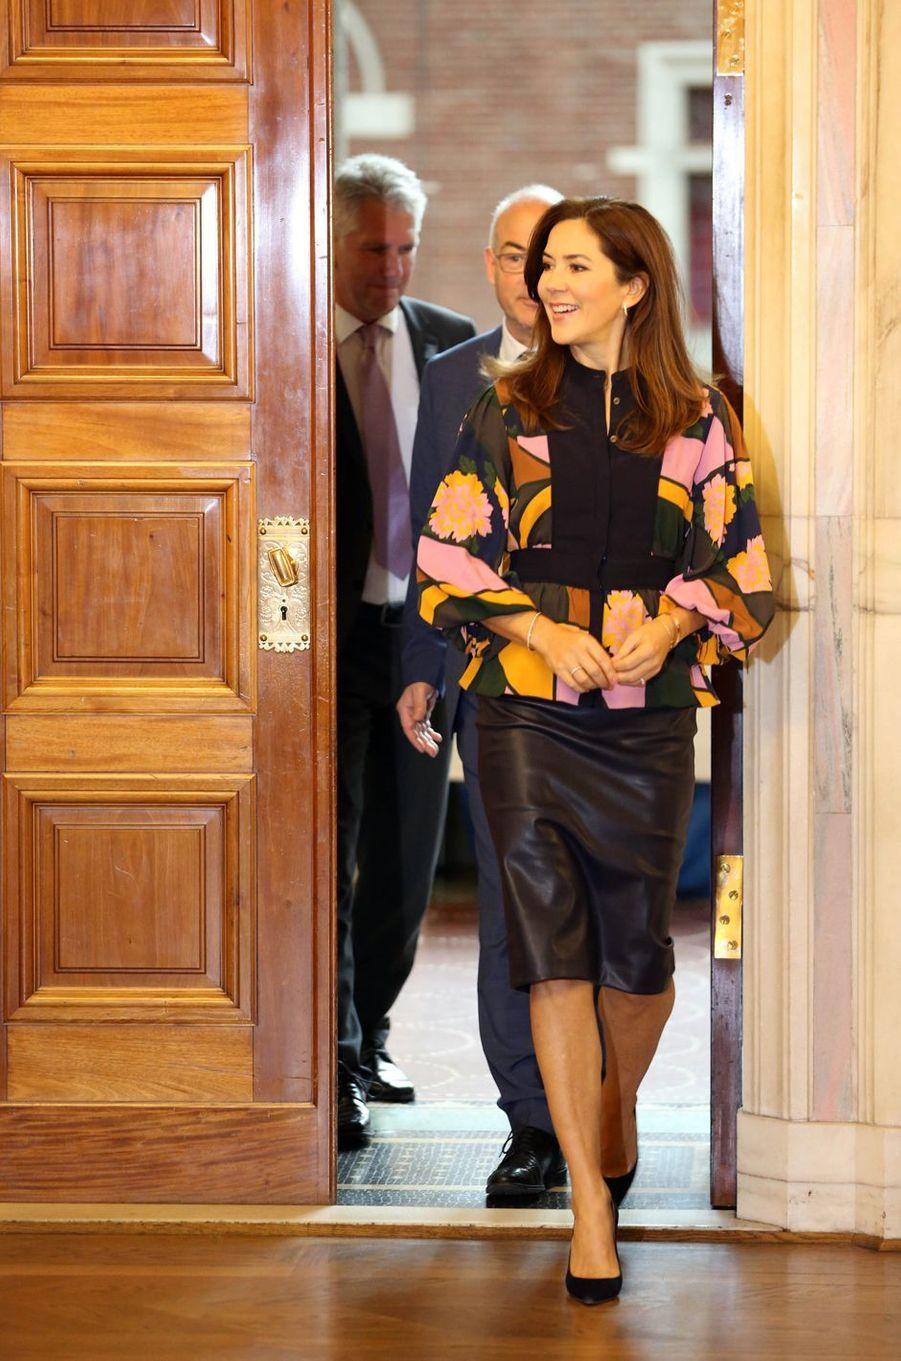 La princesse Mary de Danemark à l'Hôtel de ville de Copenhague, le 28 octobre 2019